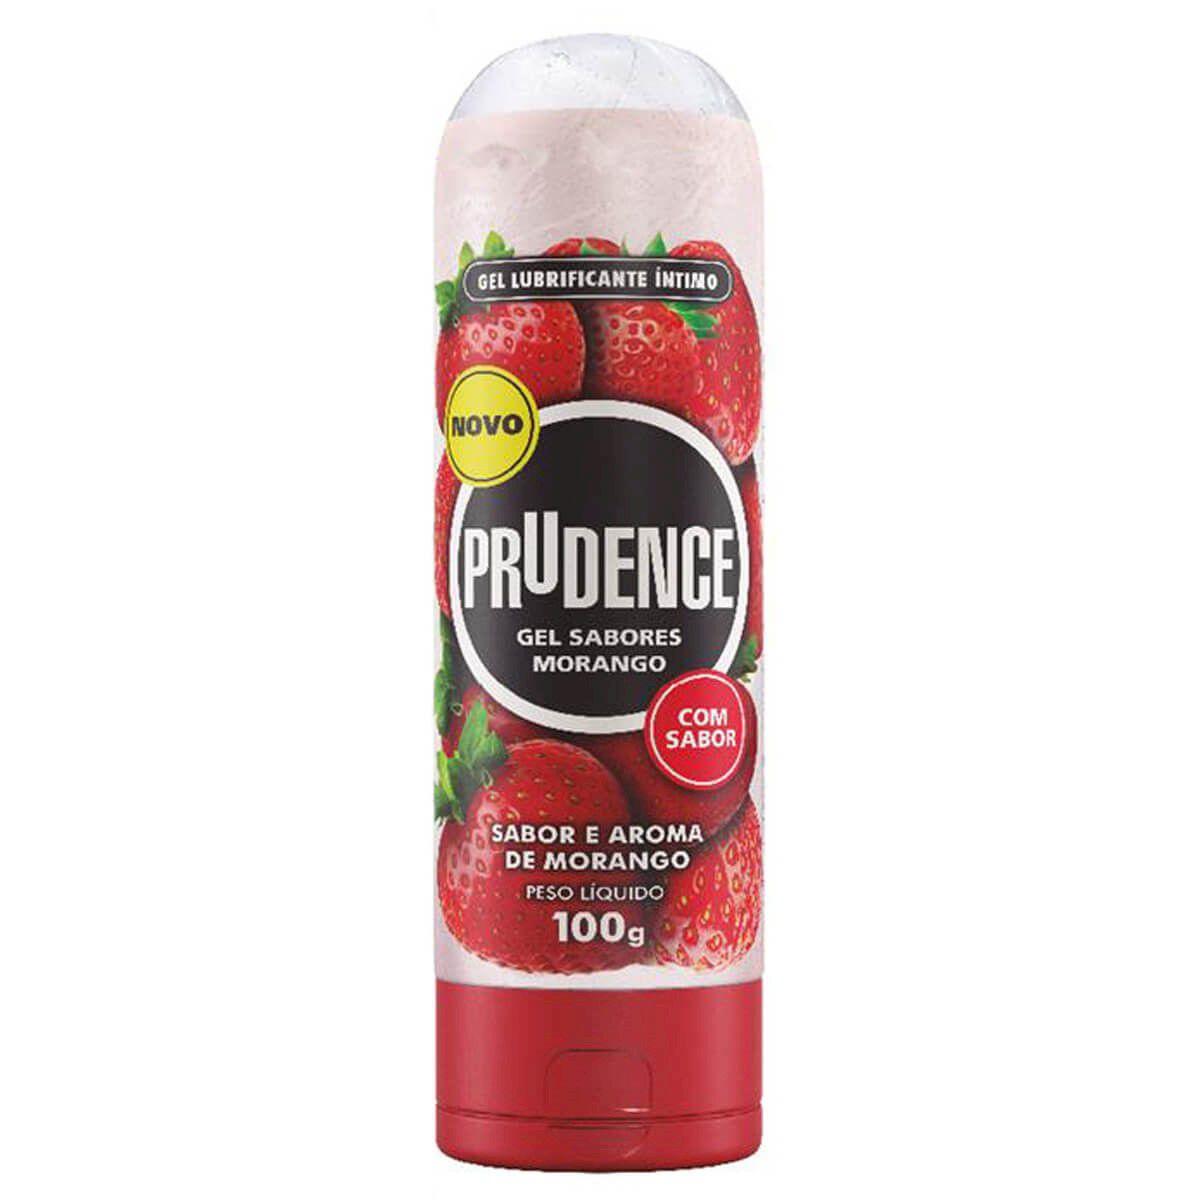 Gel Lubrificante Íntimo Sabor e Aroma de Morango 100g Prudence